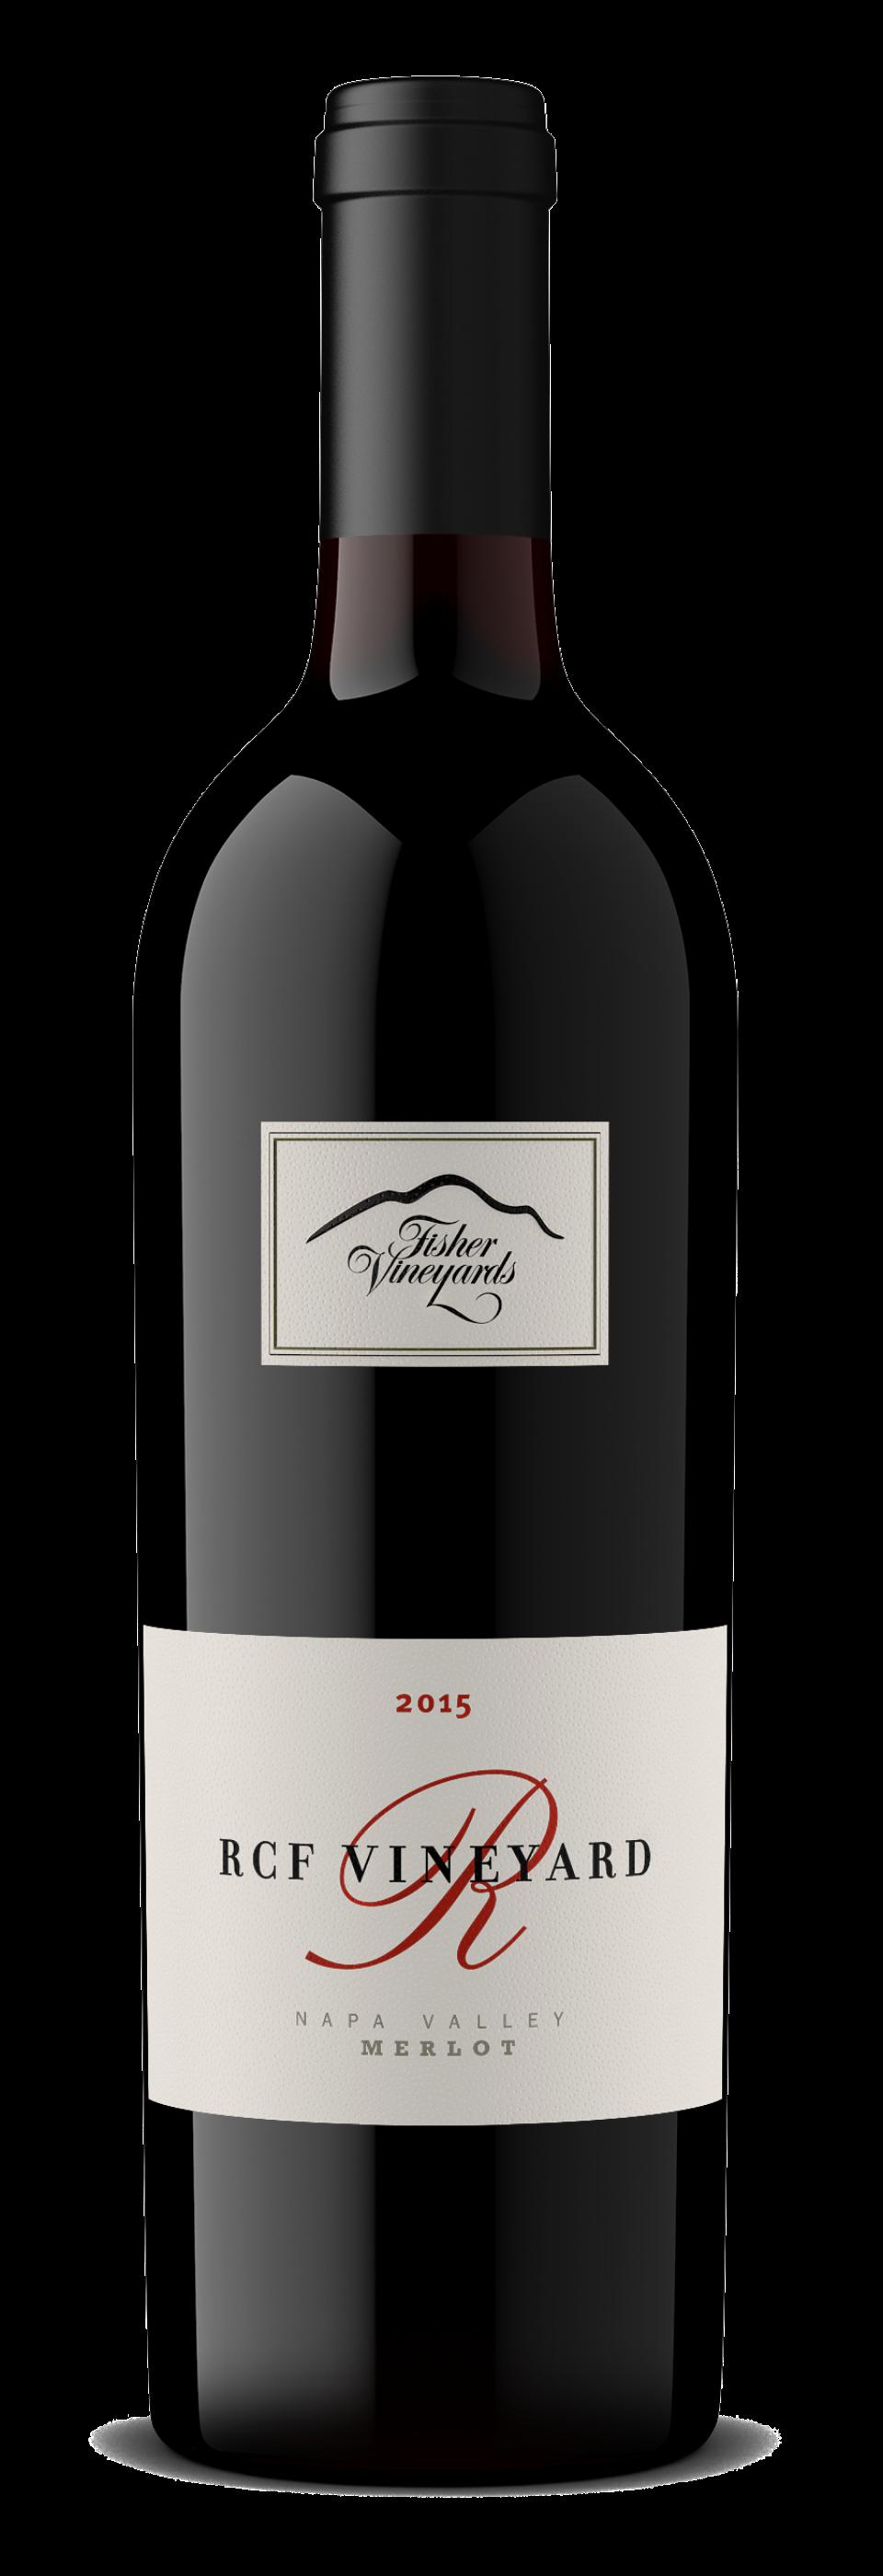 2015 RCF Vineyard